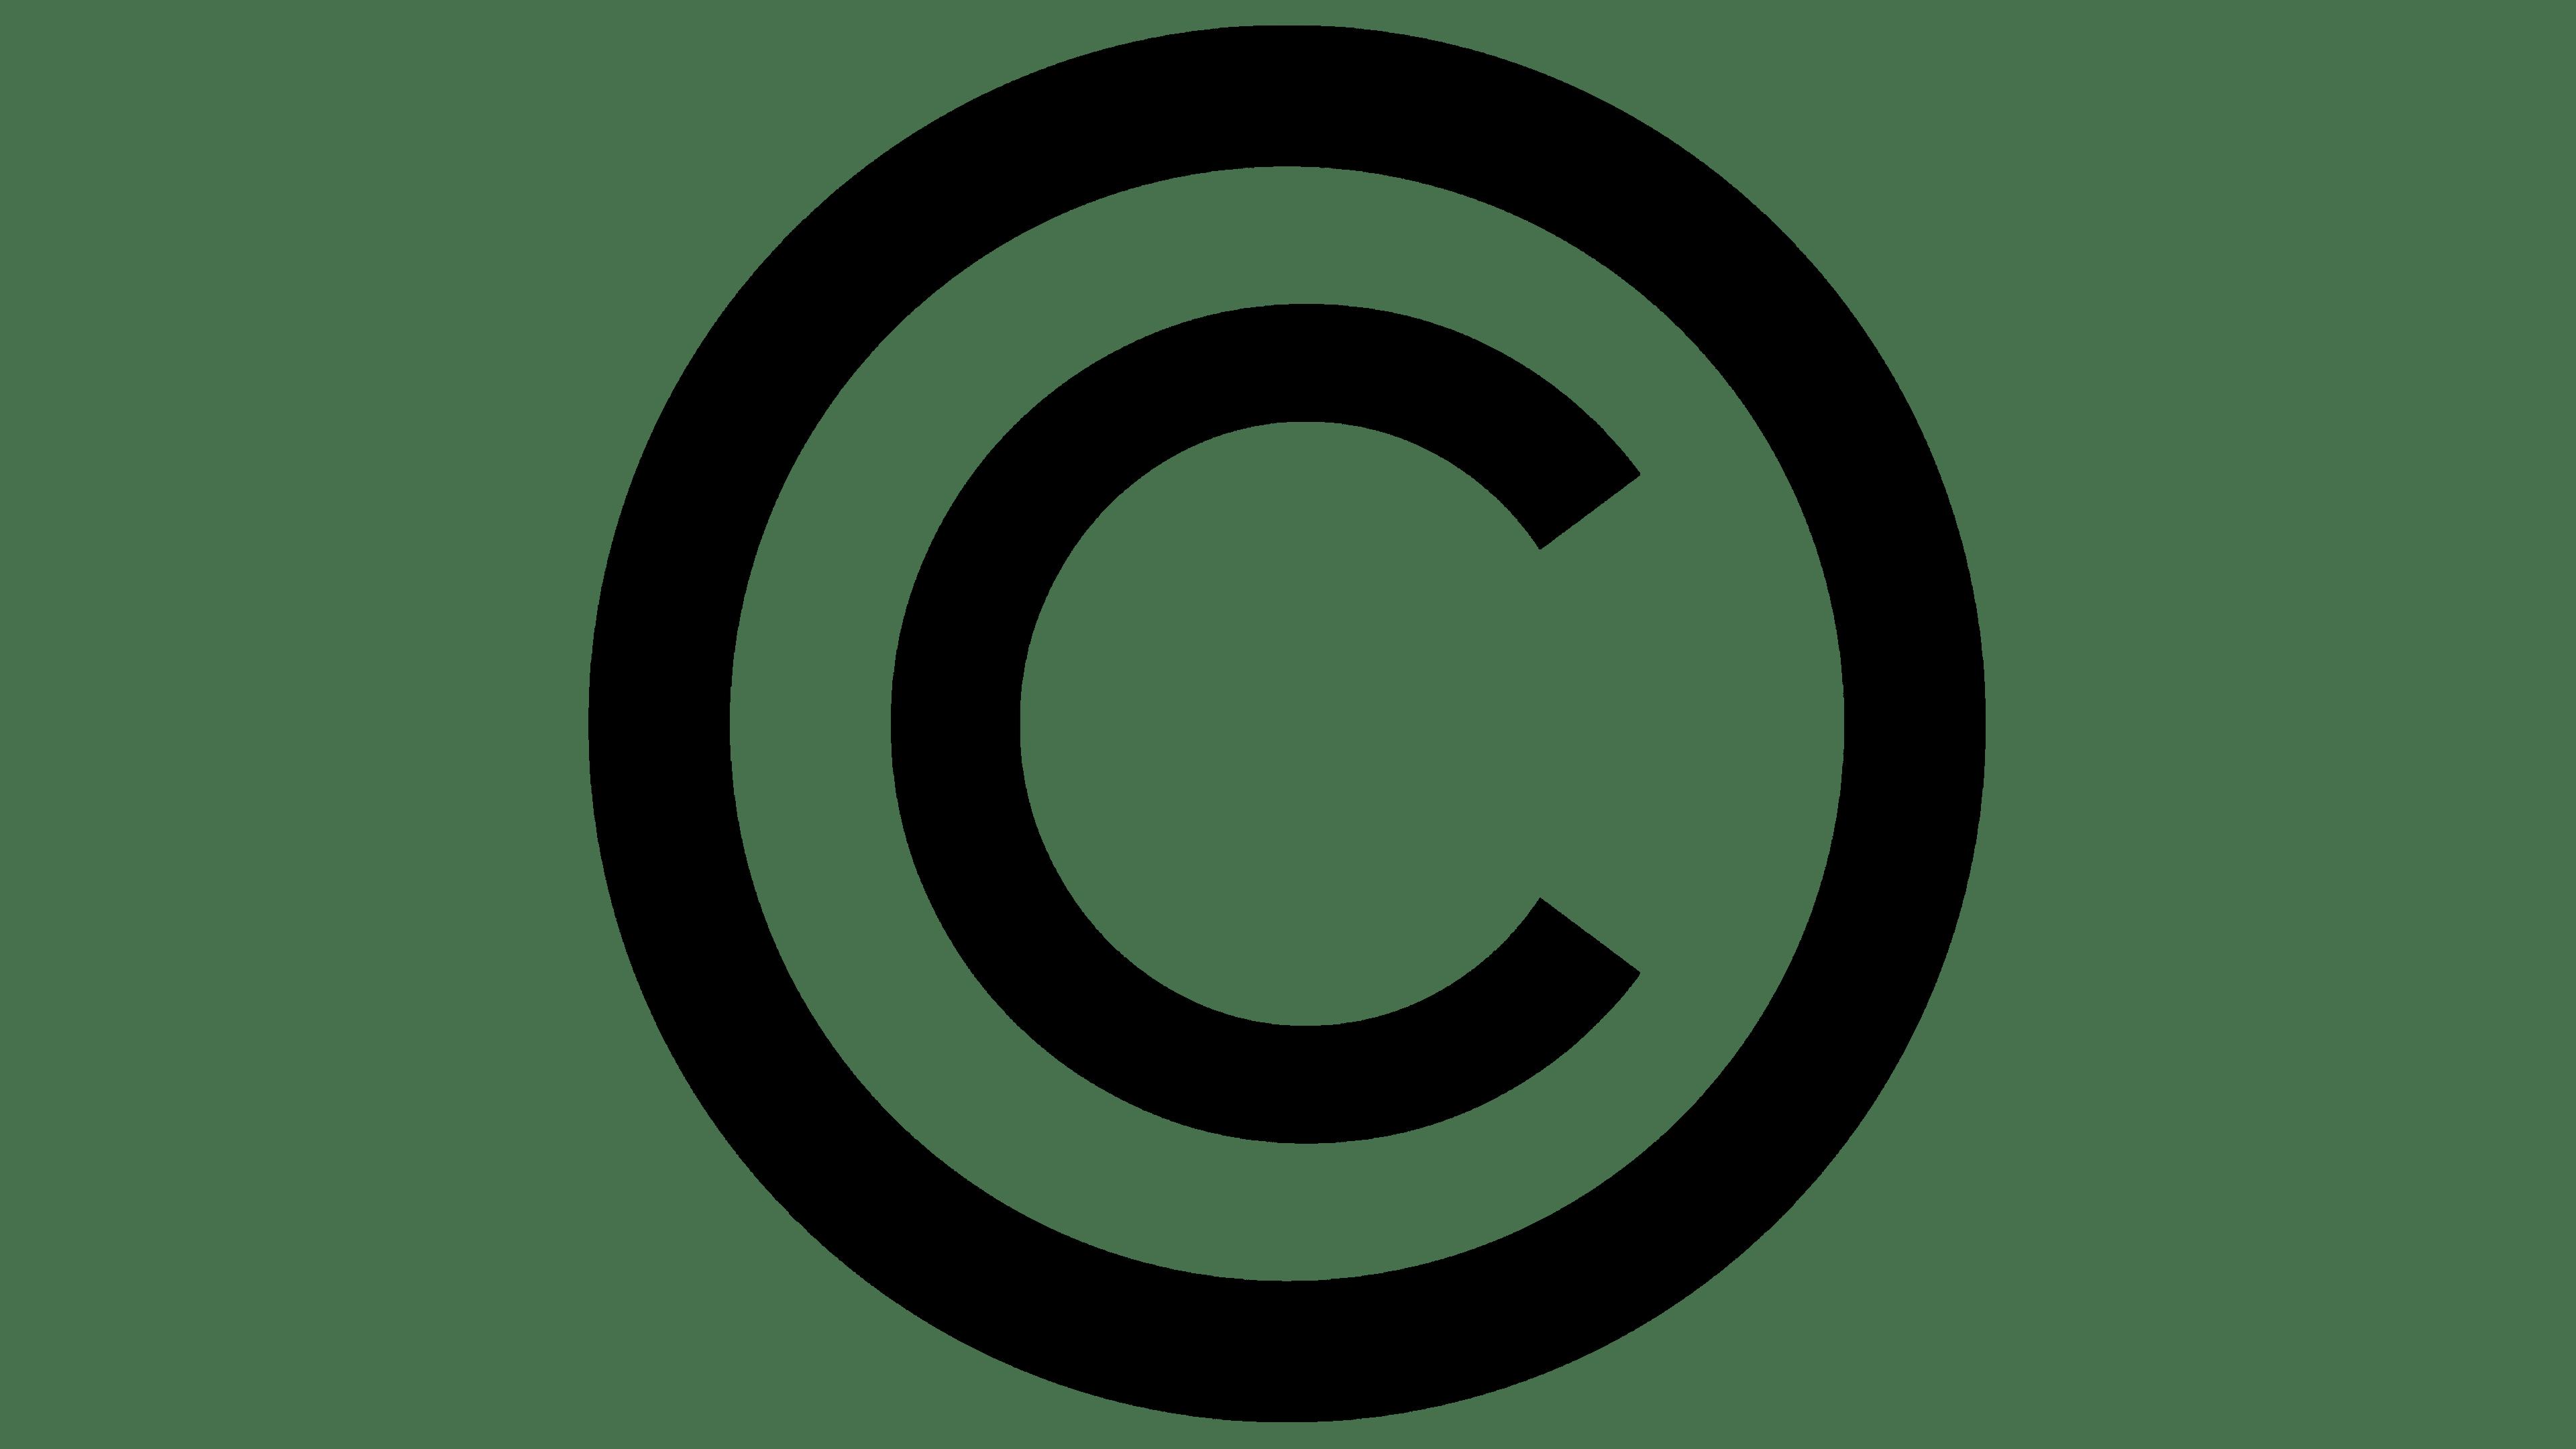 Сopyright symbol